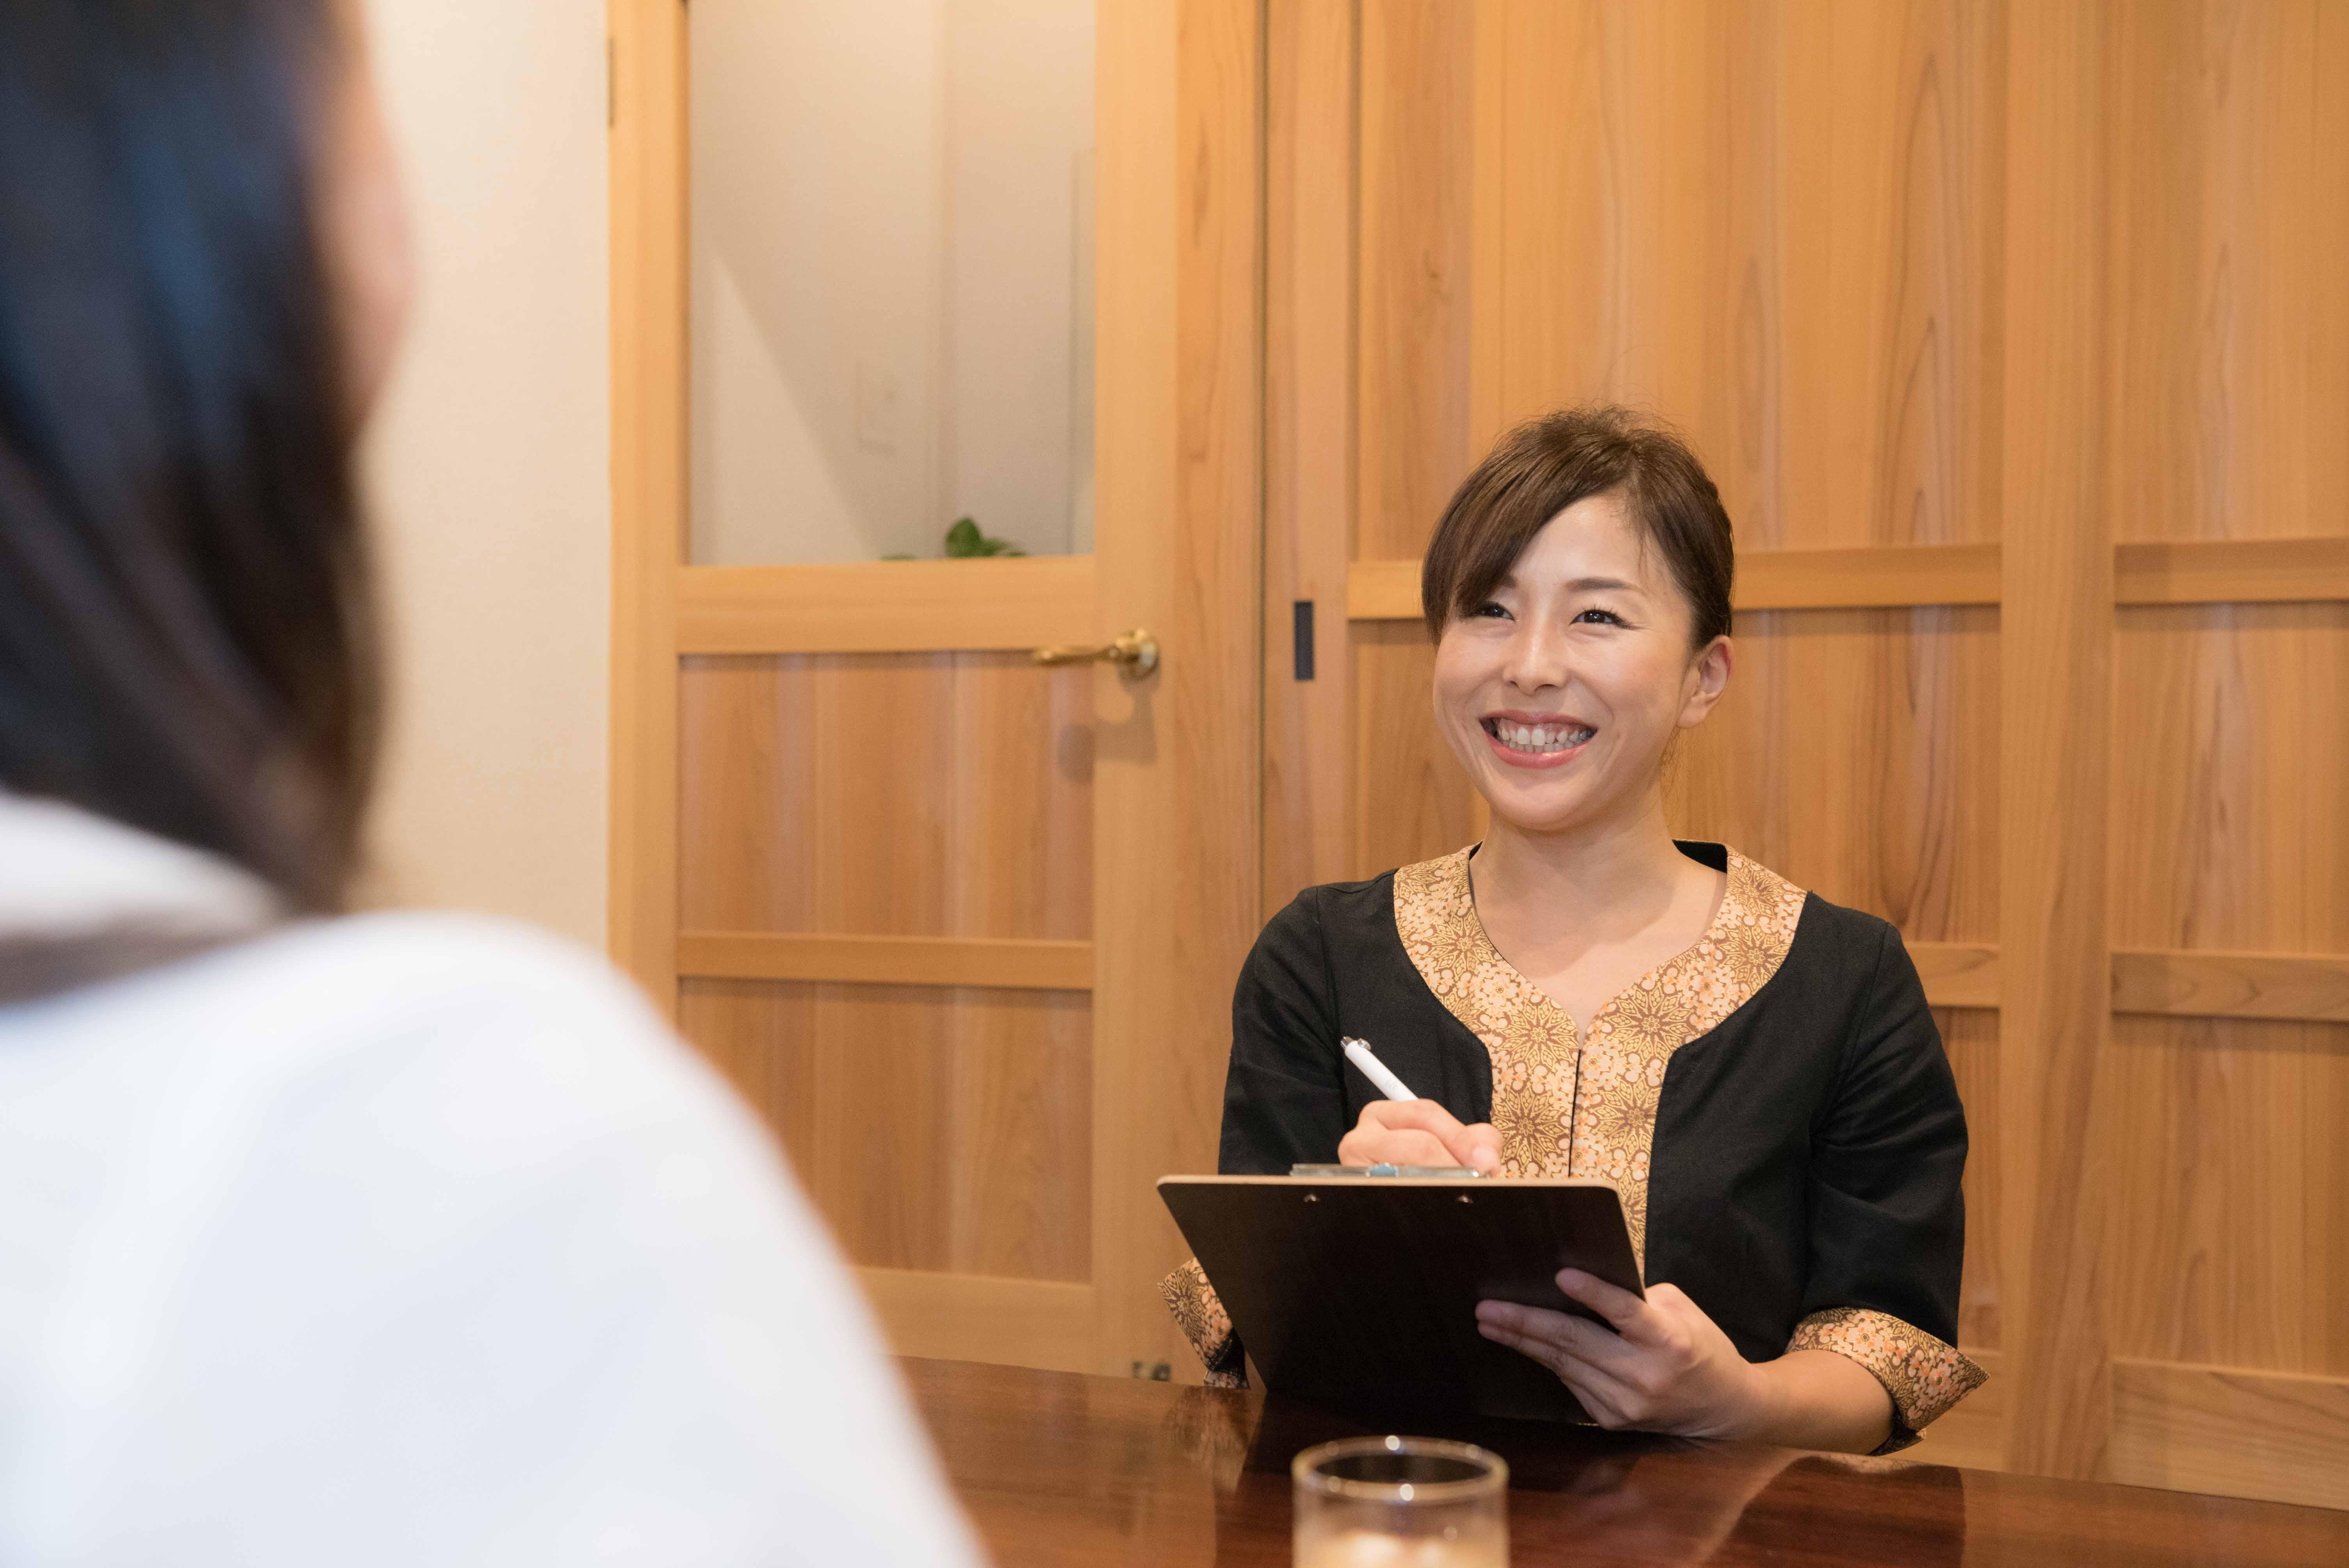 名古屋中村区 旅館のようなエステサロン Sarume(サルメ)ホームケアアドバイス